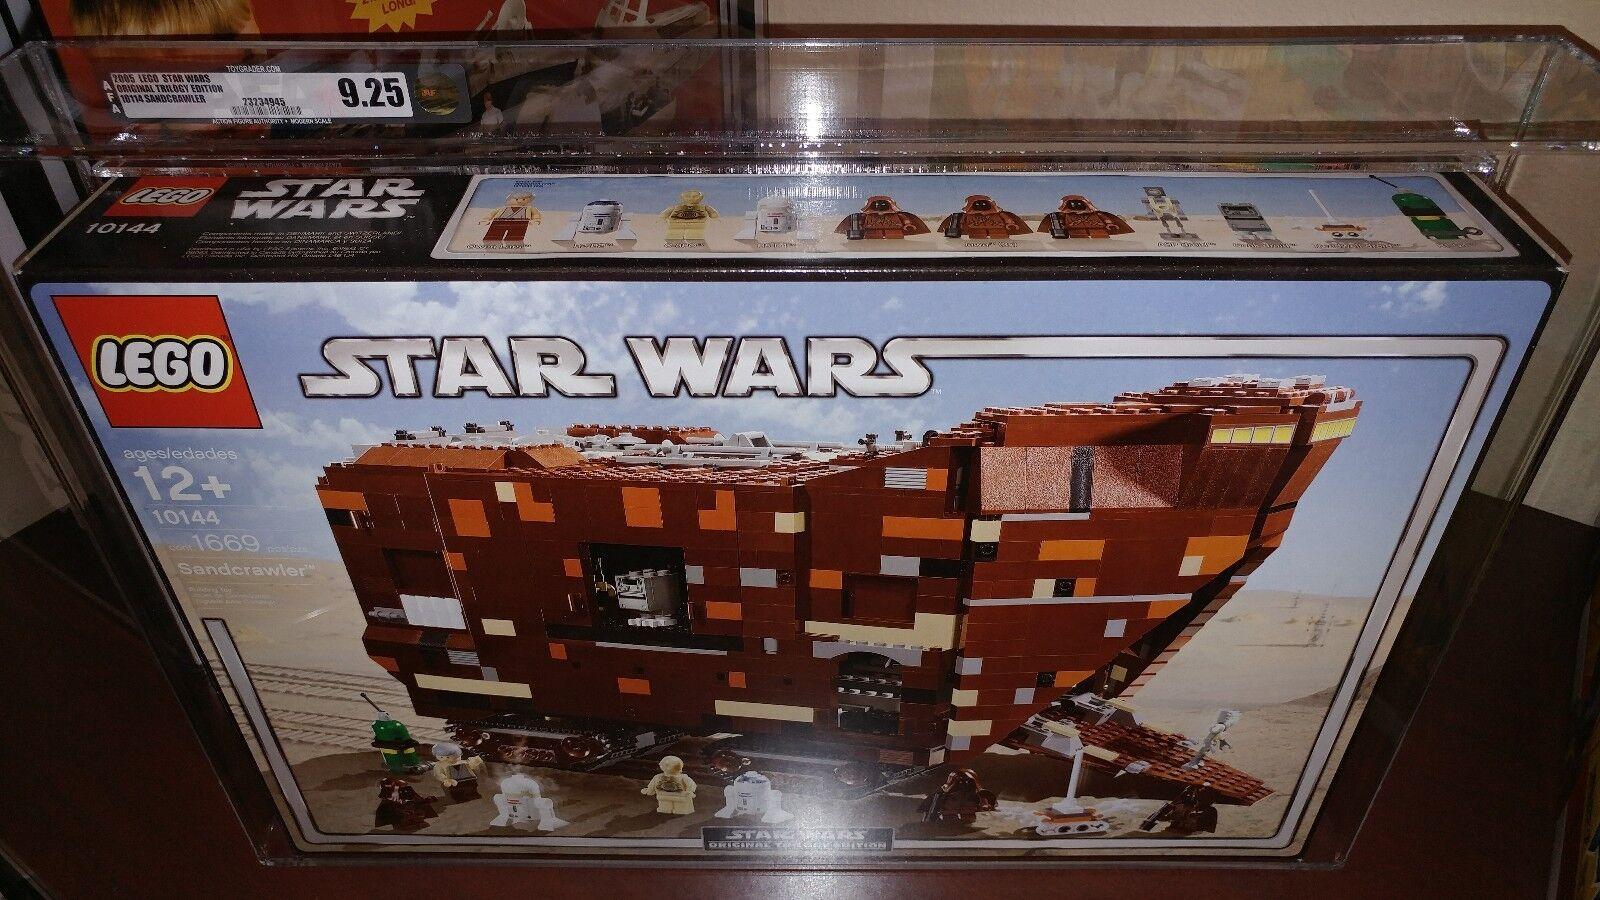 Lego Star Wars Sandcrawler  1669  AFA 9.25